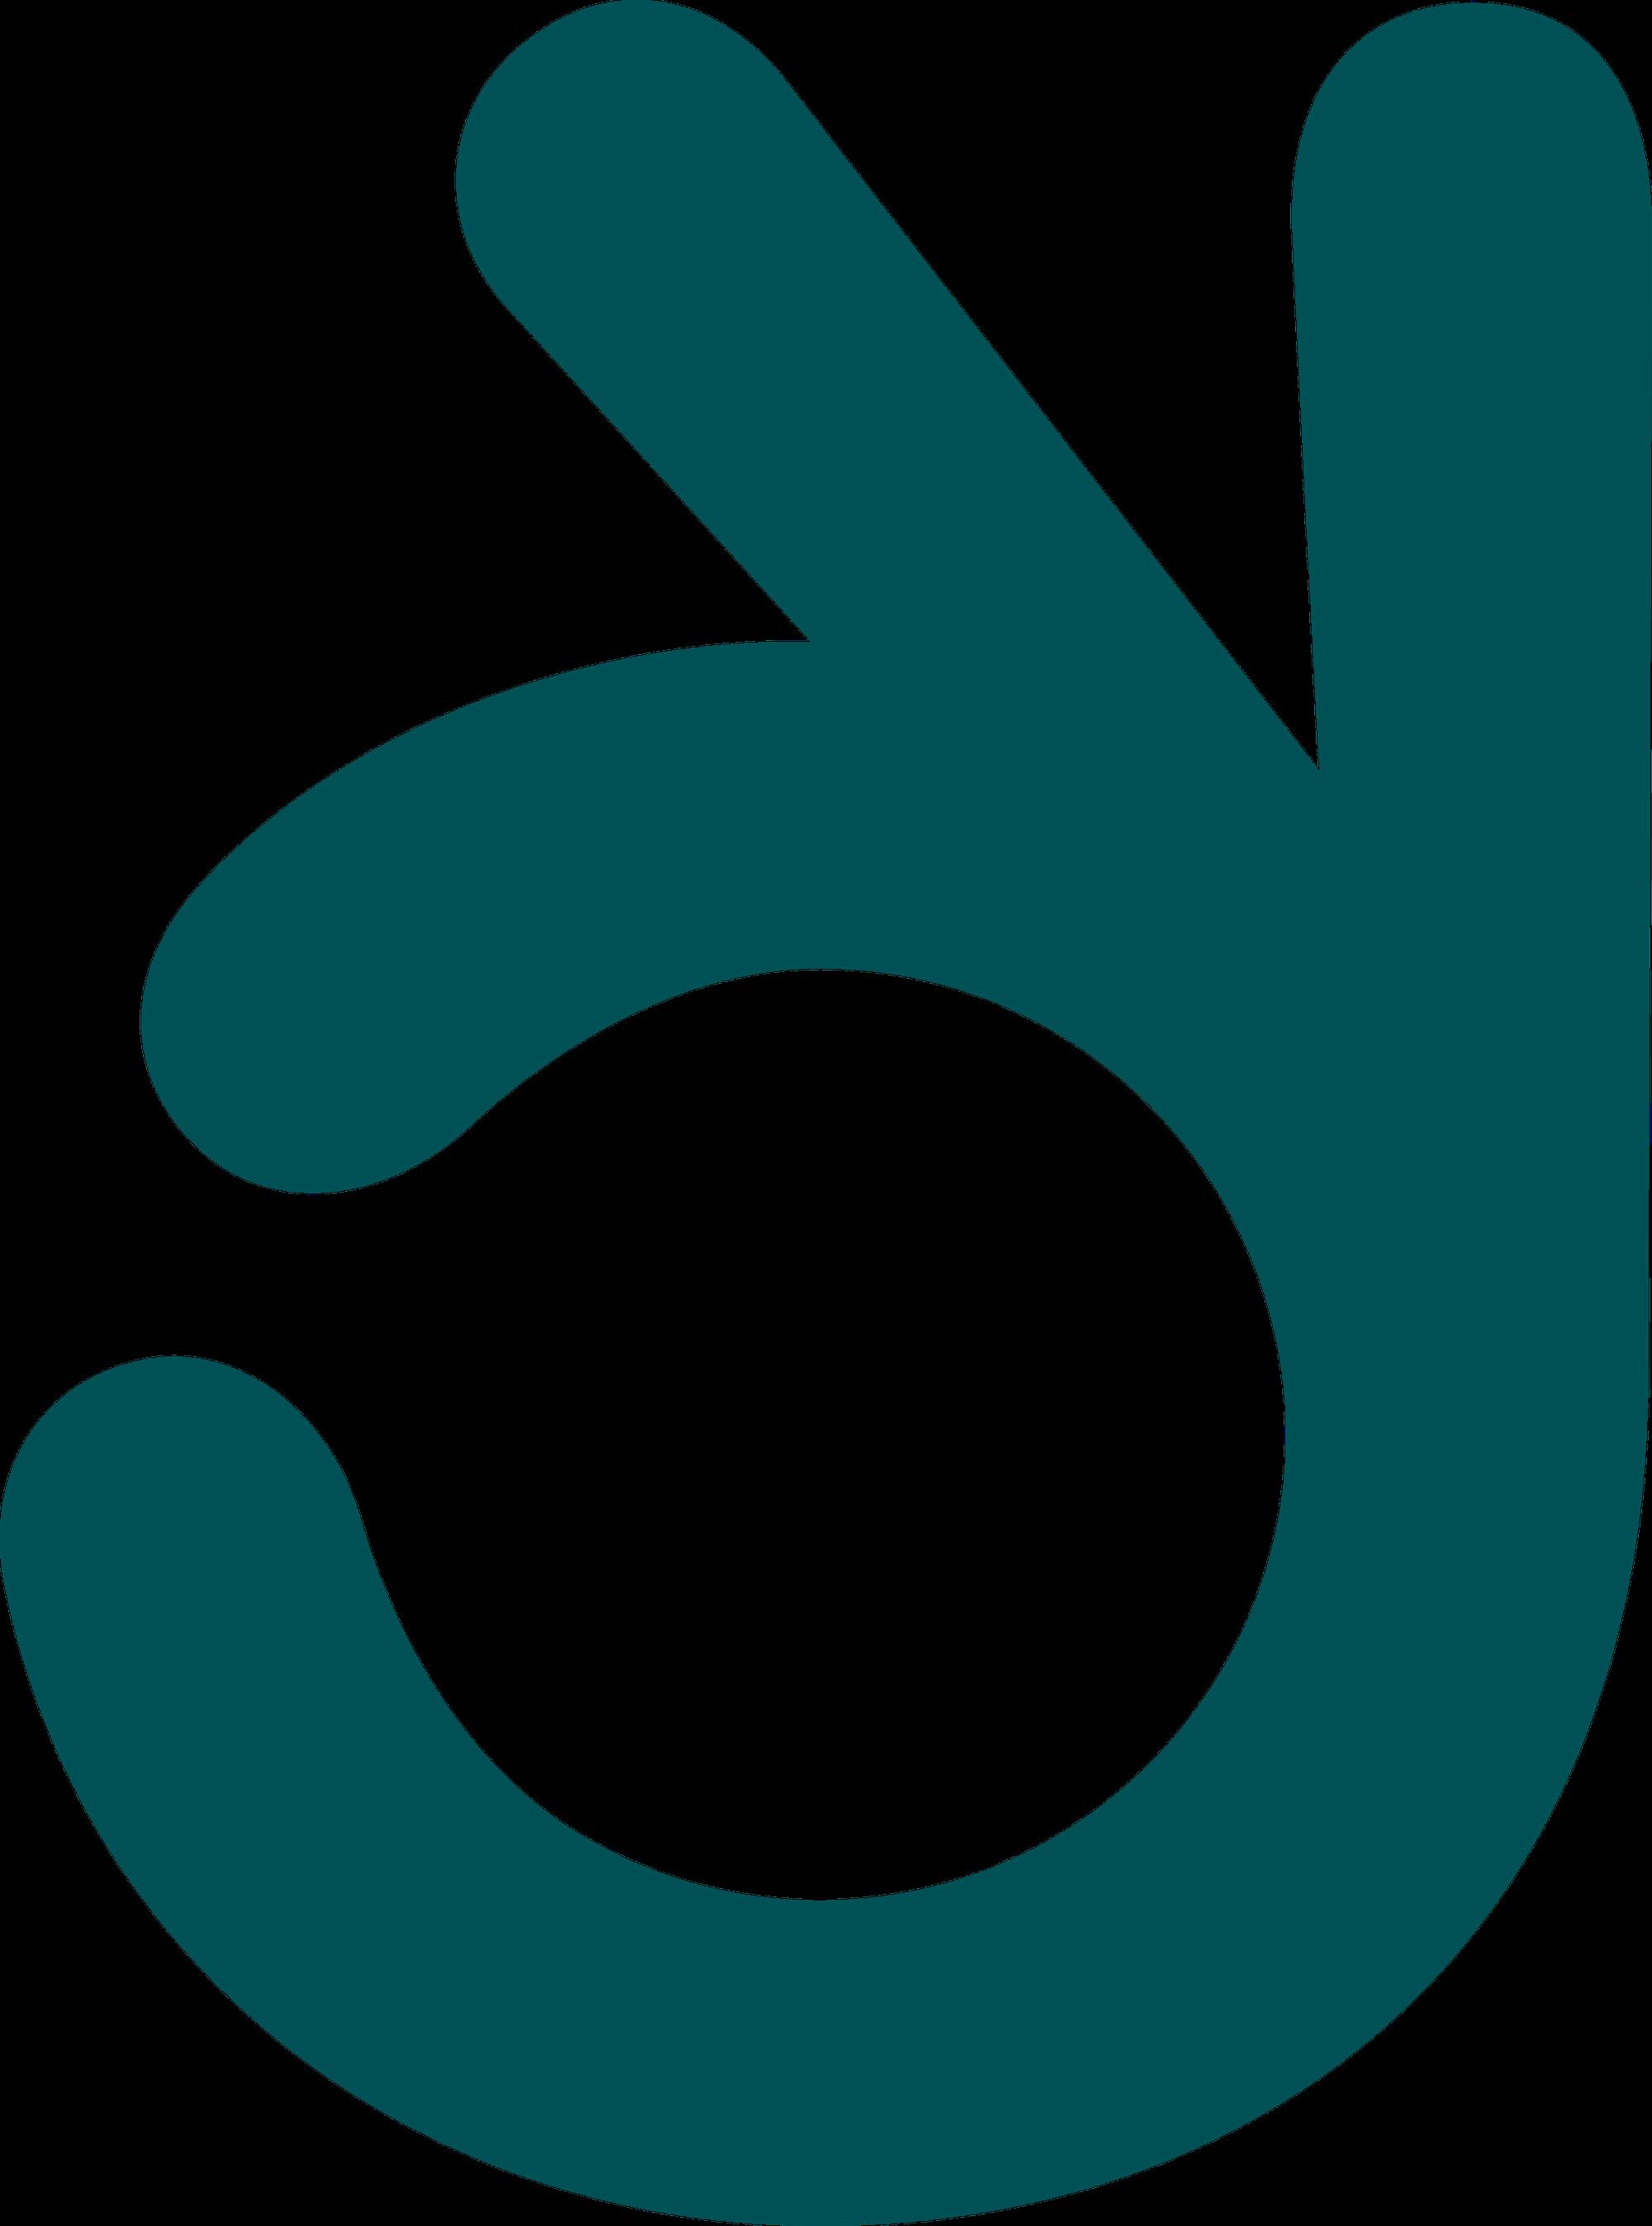 3_Relatel_1946_Bomærke_FOREST_RGB (1)